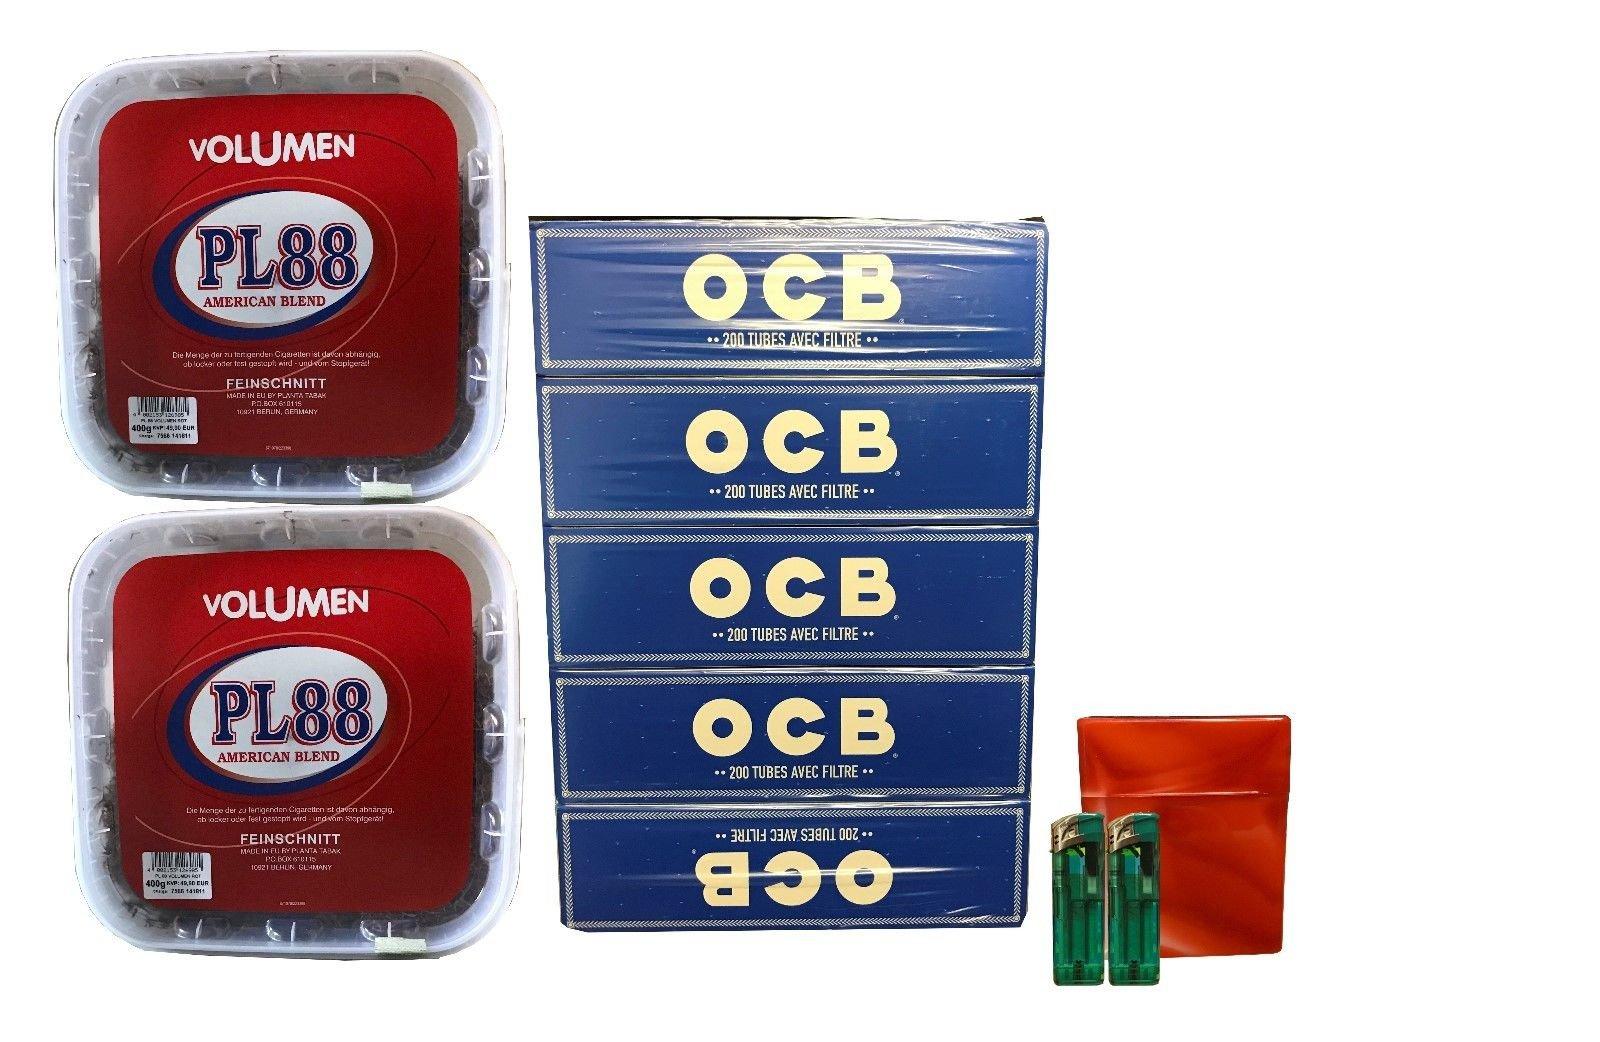 2x PL88 American Blend Tabak / Volumentabak 400g Eimer, OCB Hülsen + Zubehör